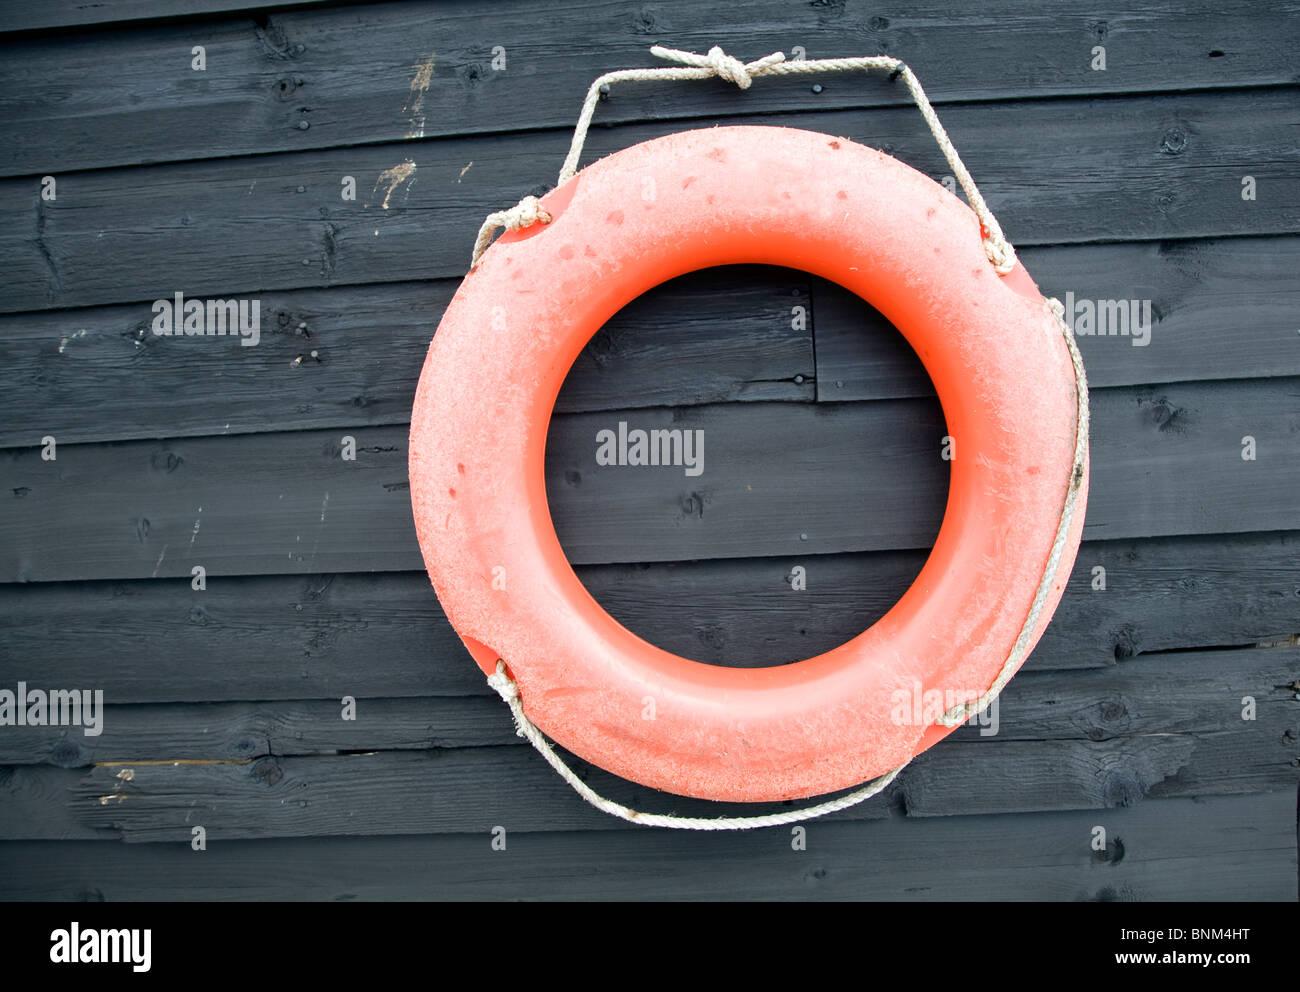 Orange red life saving ring on black wooden shed - Stock Image